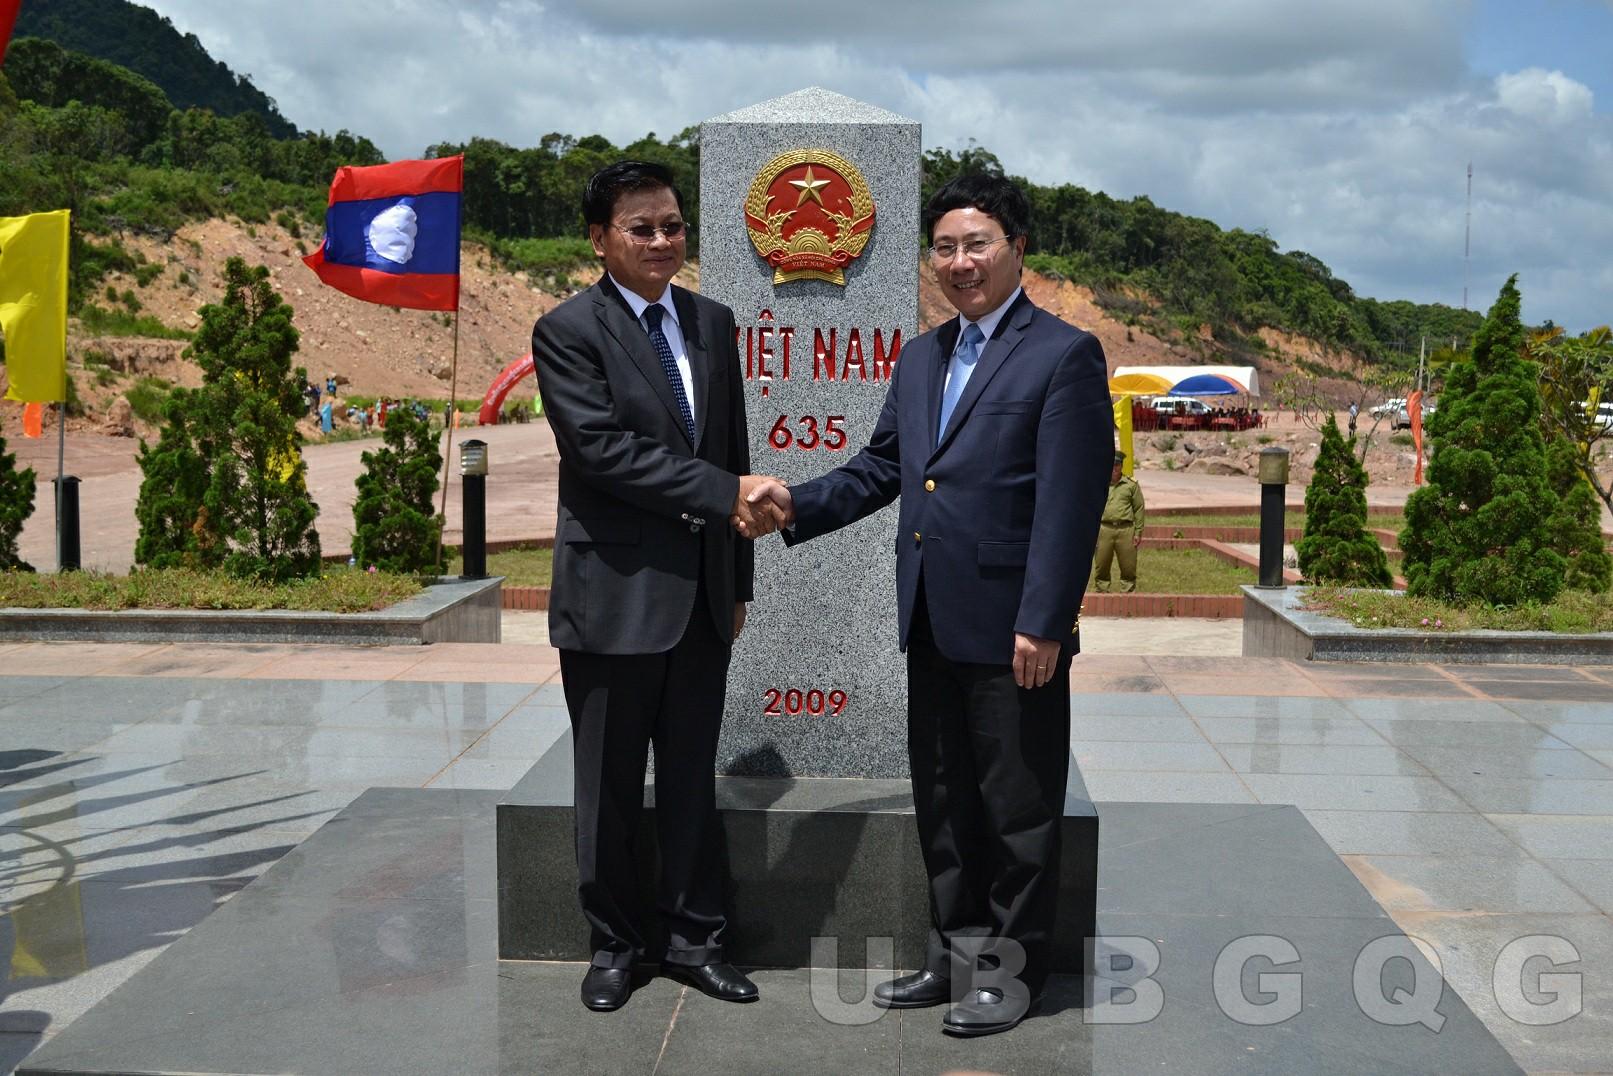 Phó Thủ tướng, Bộ trưởng Bộ Ngoại giao Việt Nam Phạm Bình Minh và Phó Thủ tướng Lào Thoong Lun Sỉ Sụ Lít dự Lễ khai trương mốc 635 – Quảng Trị, năm 2014.